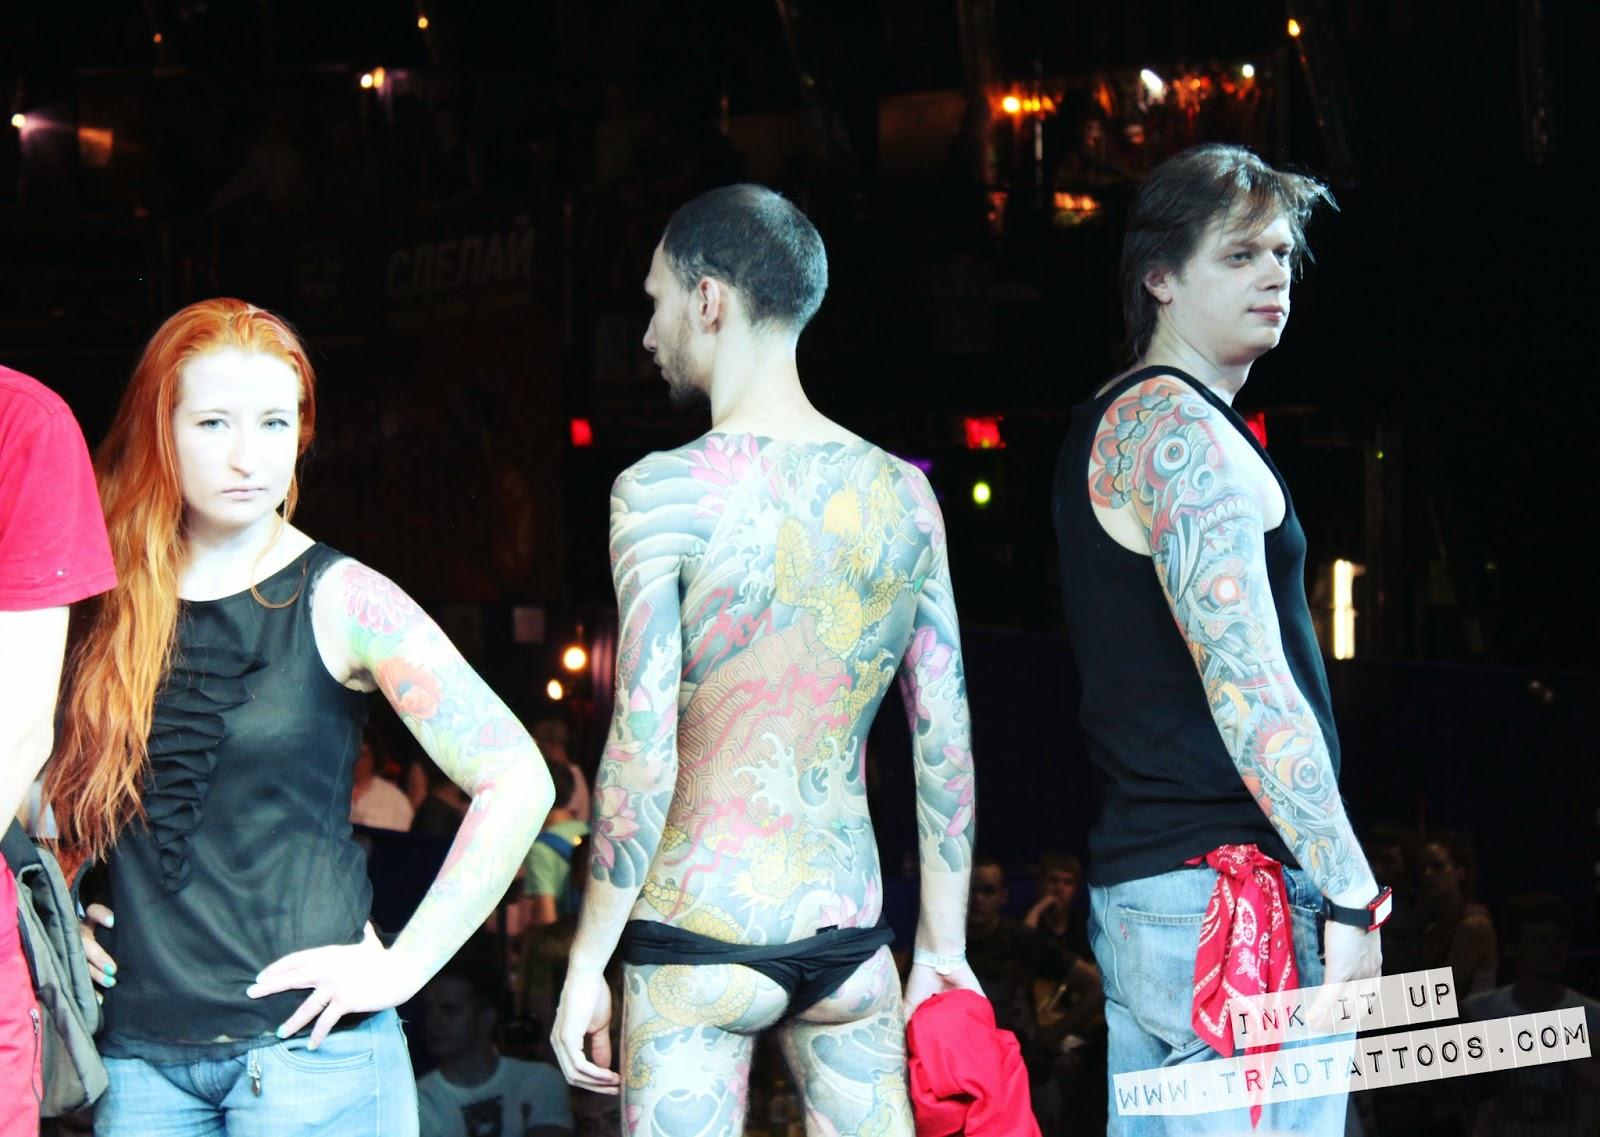 ТАТУИРОВКИ ДЛЯ МУЖЧИН Эскизы татуировок Tattoo  - популярные татуировки для мужчин